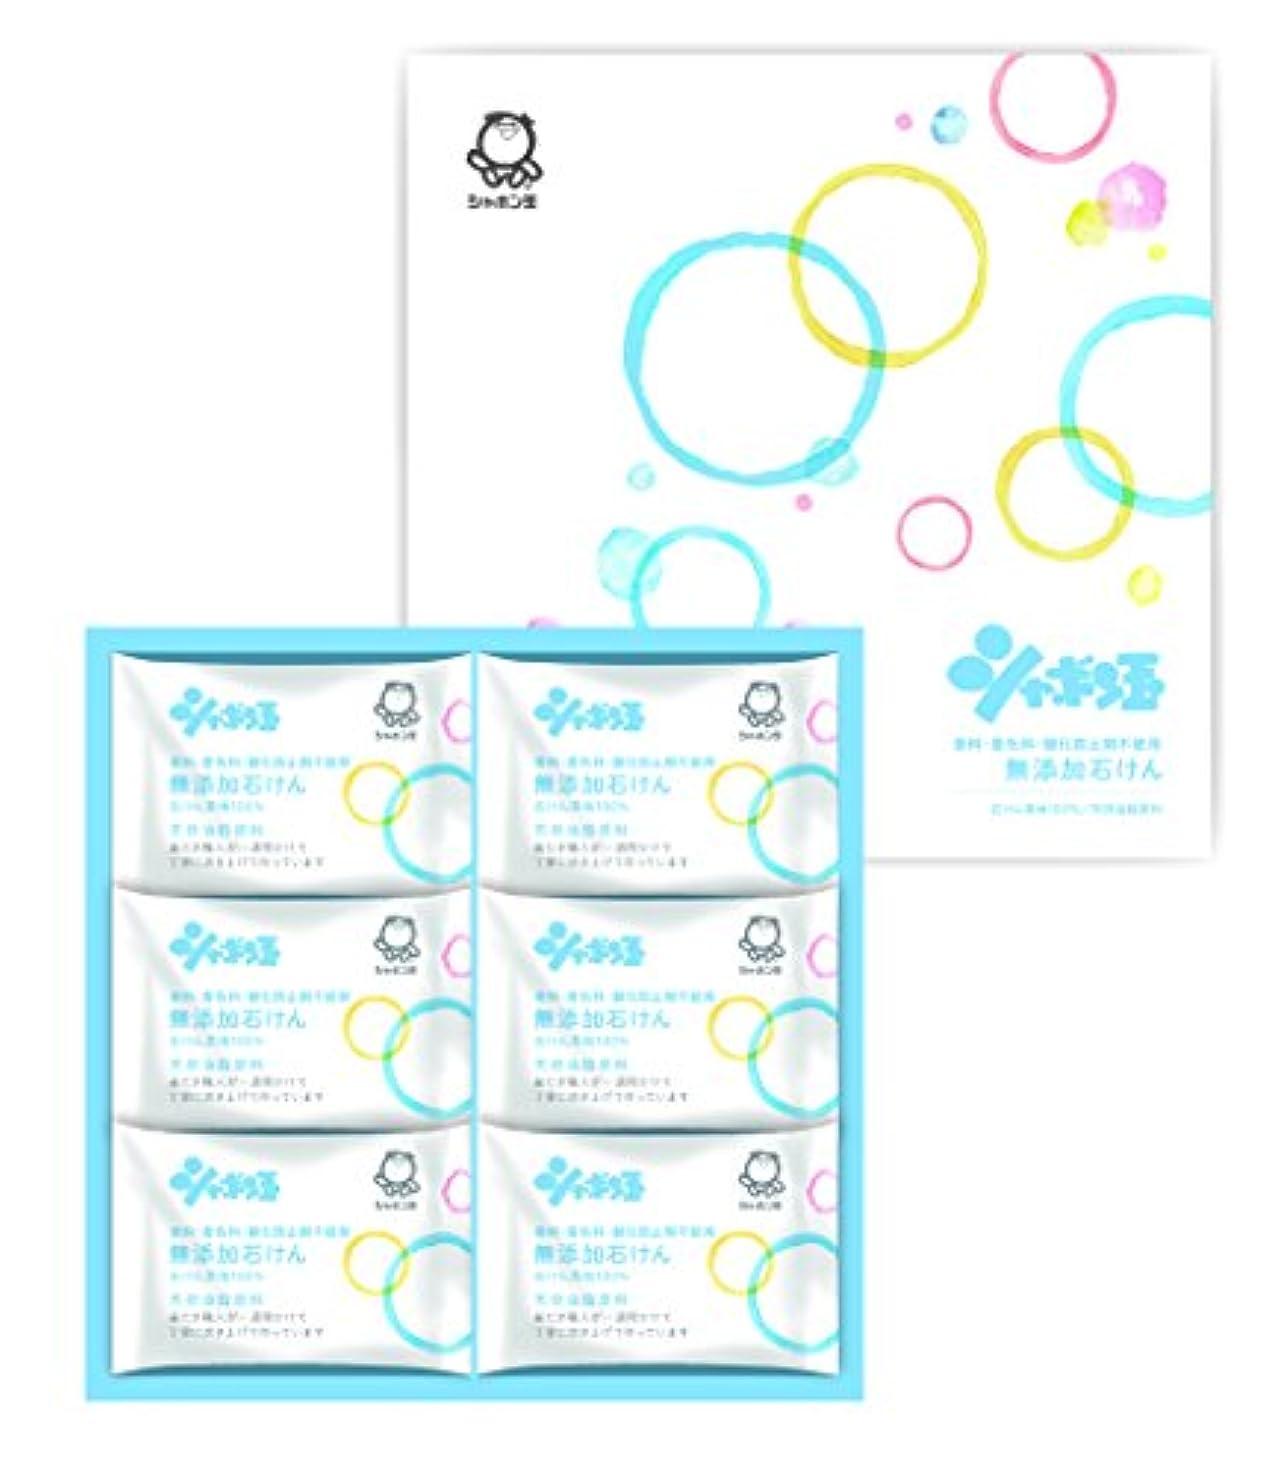 デッド保存レンディション【ギフトセット】 シャボン玉無添加石鹸ギフトセット SMG-10B